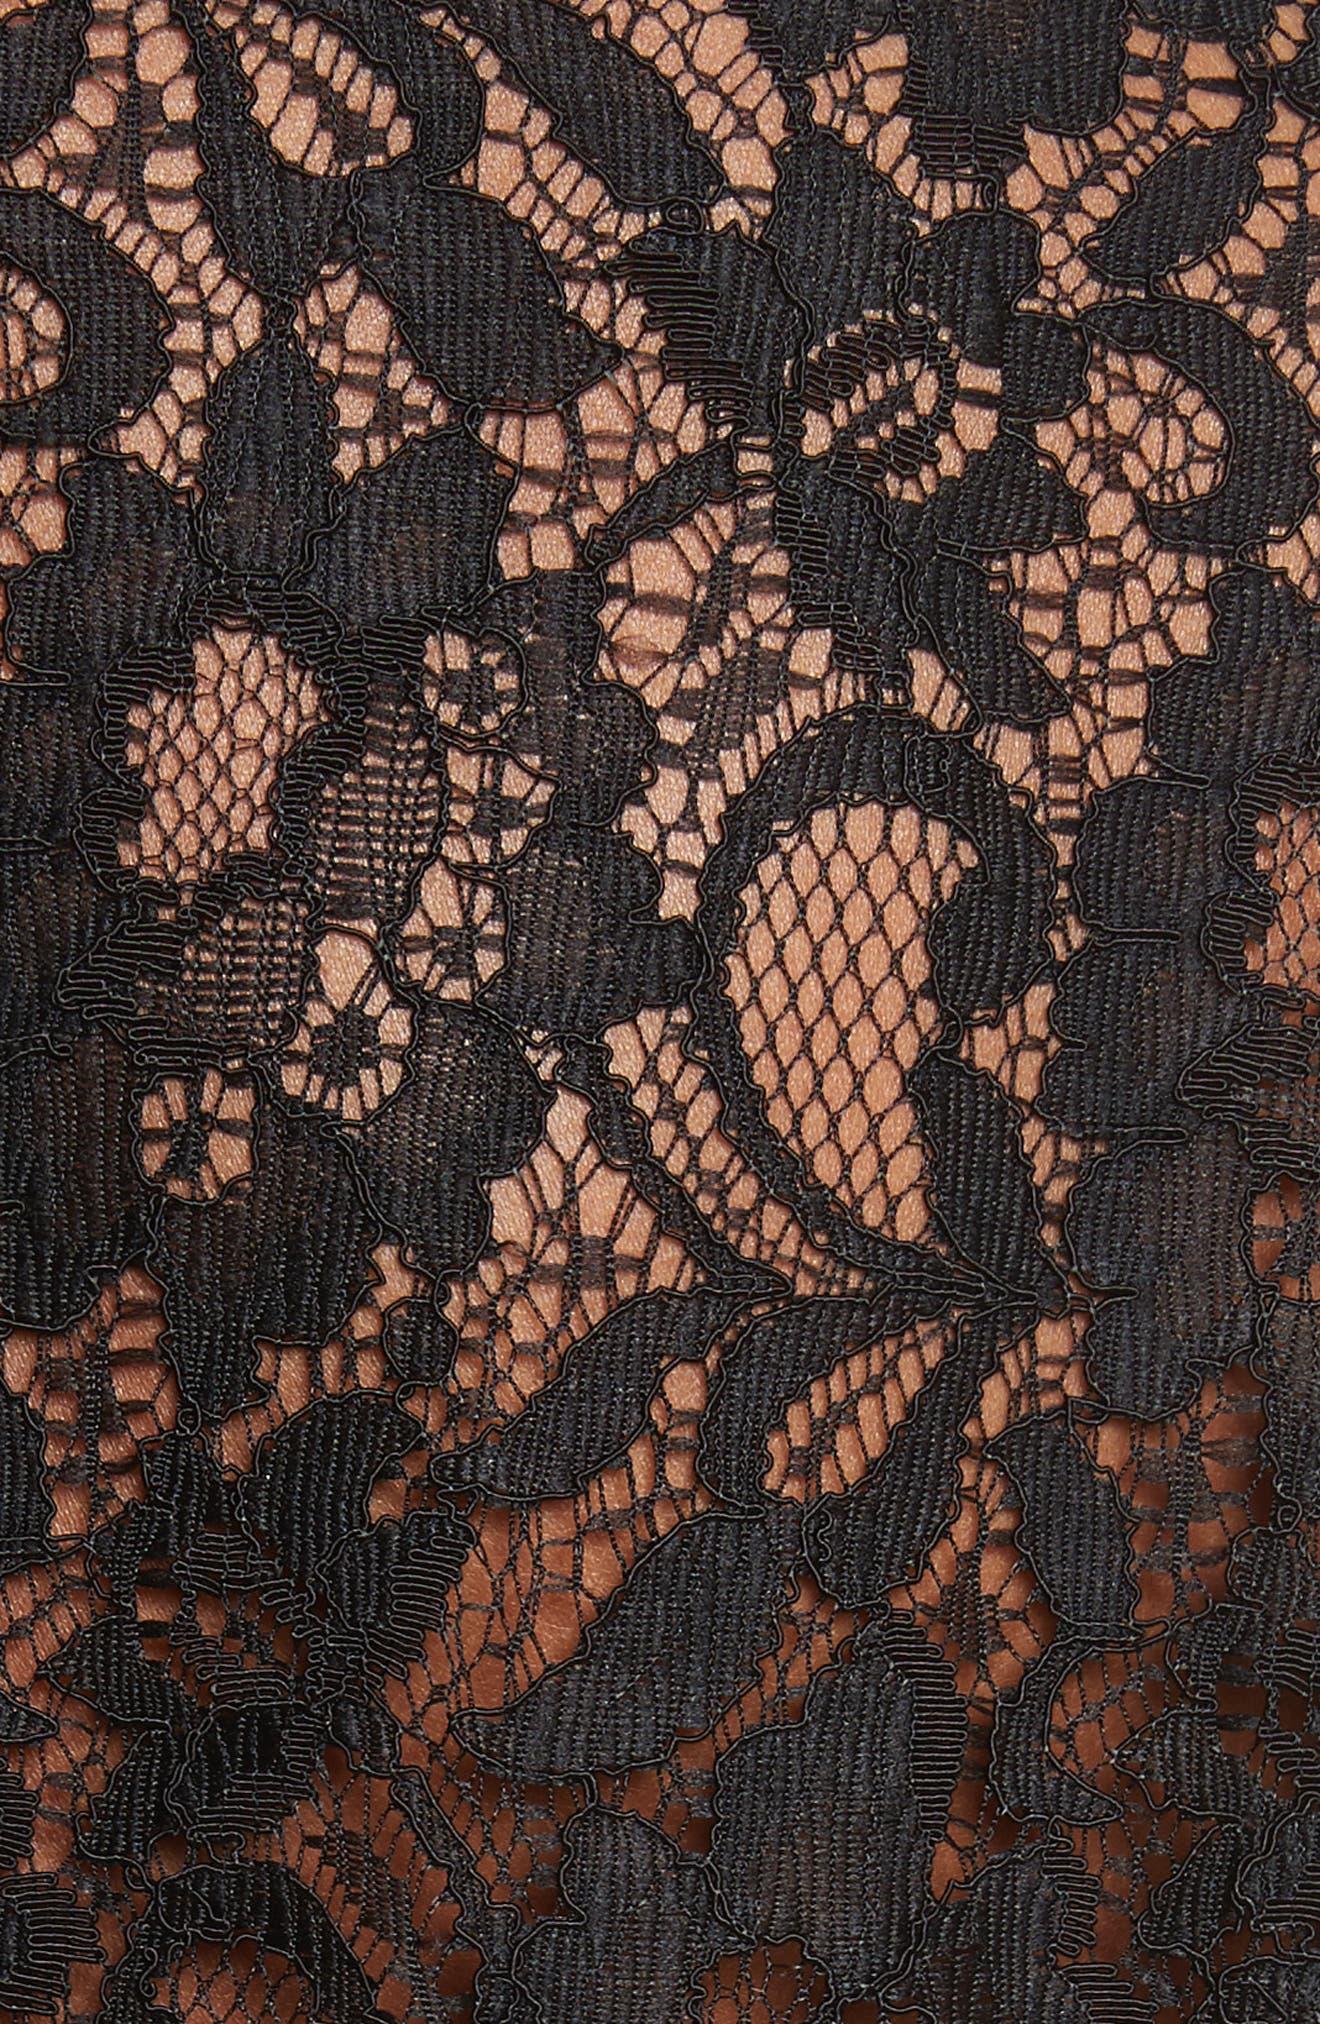 Silk & Lace Blouse,                             Alternate thumbnail 5, color,                             001